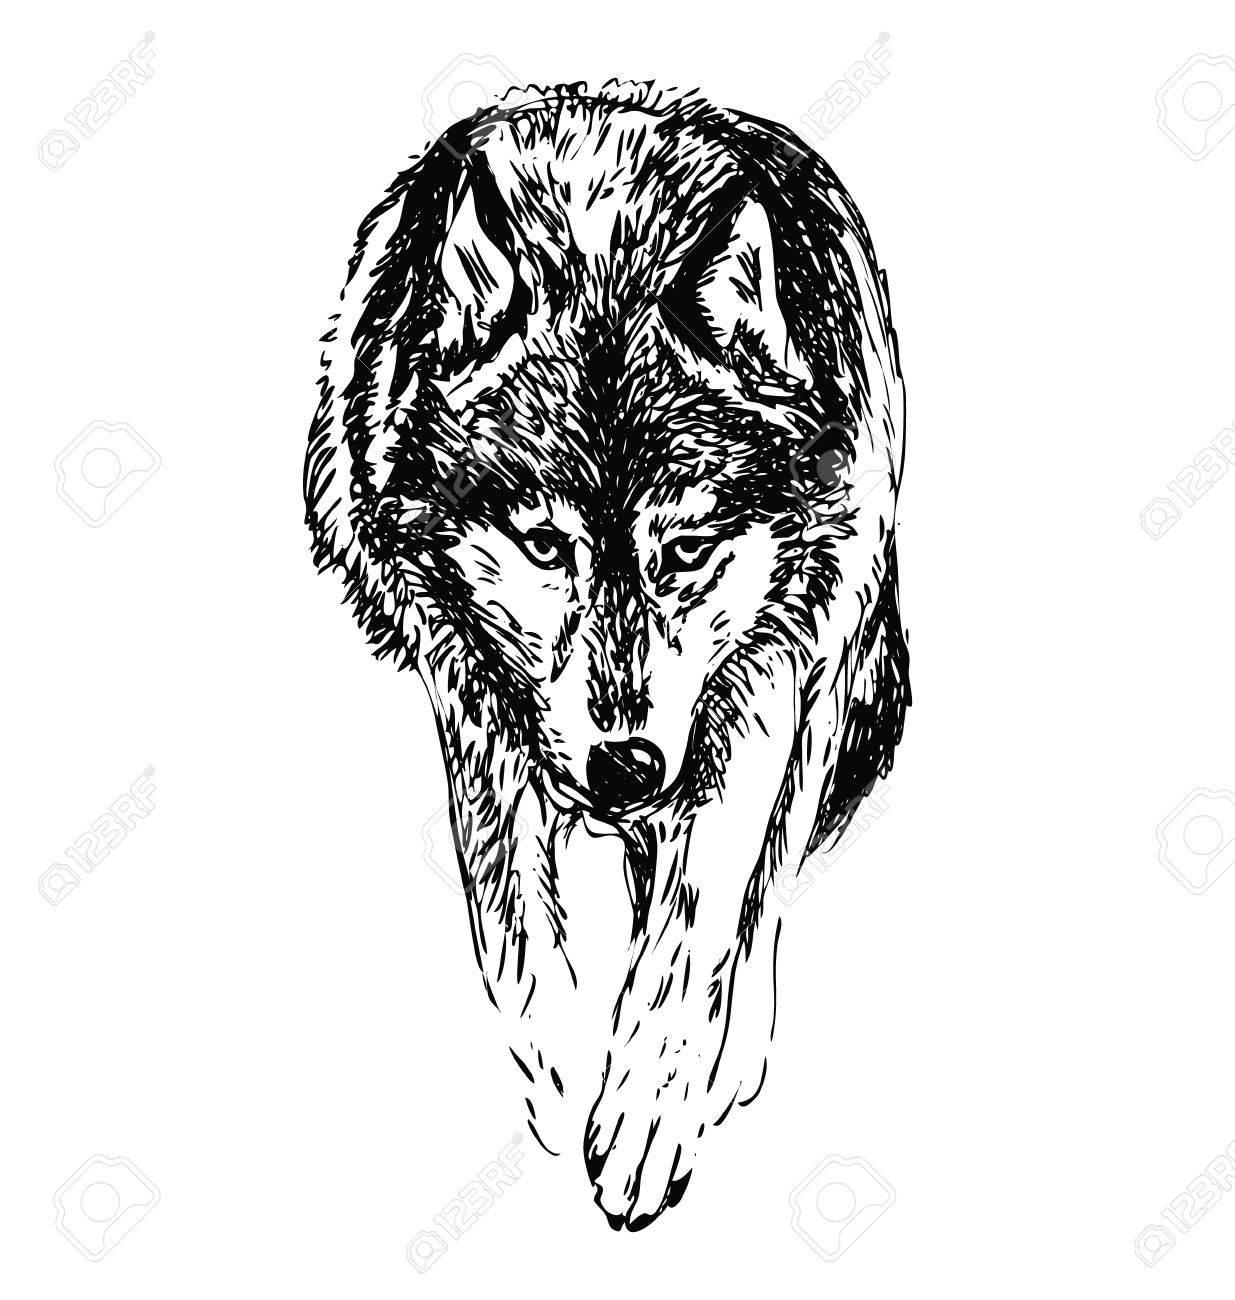 hand sketch walking wolf - 48338664